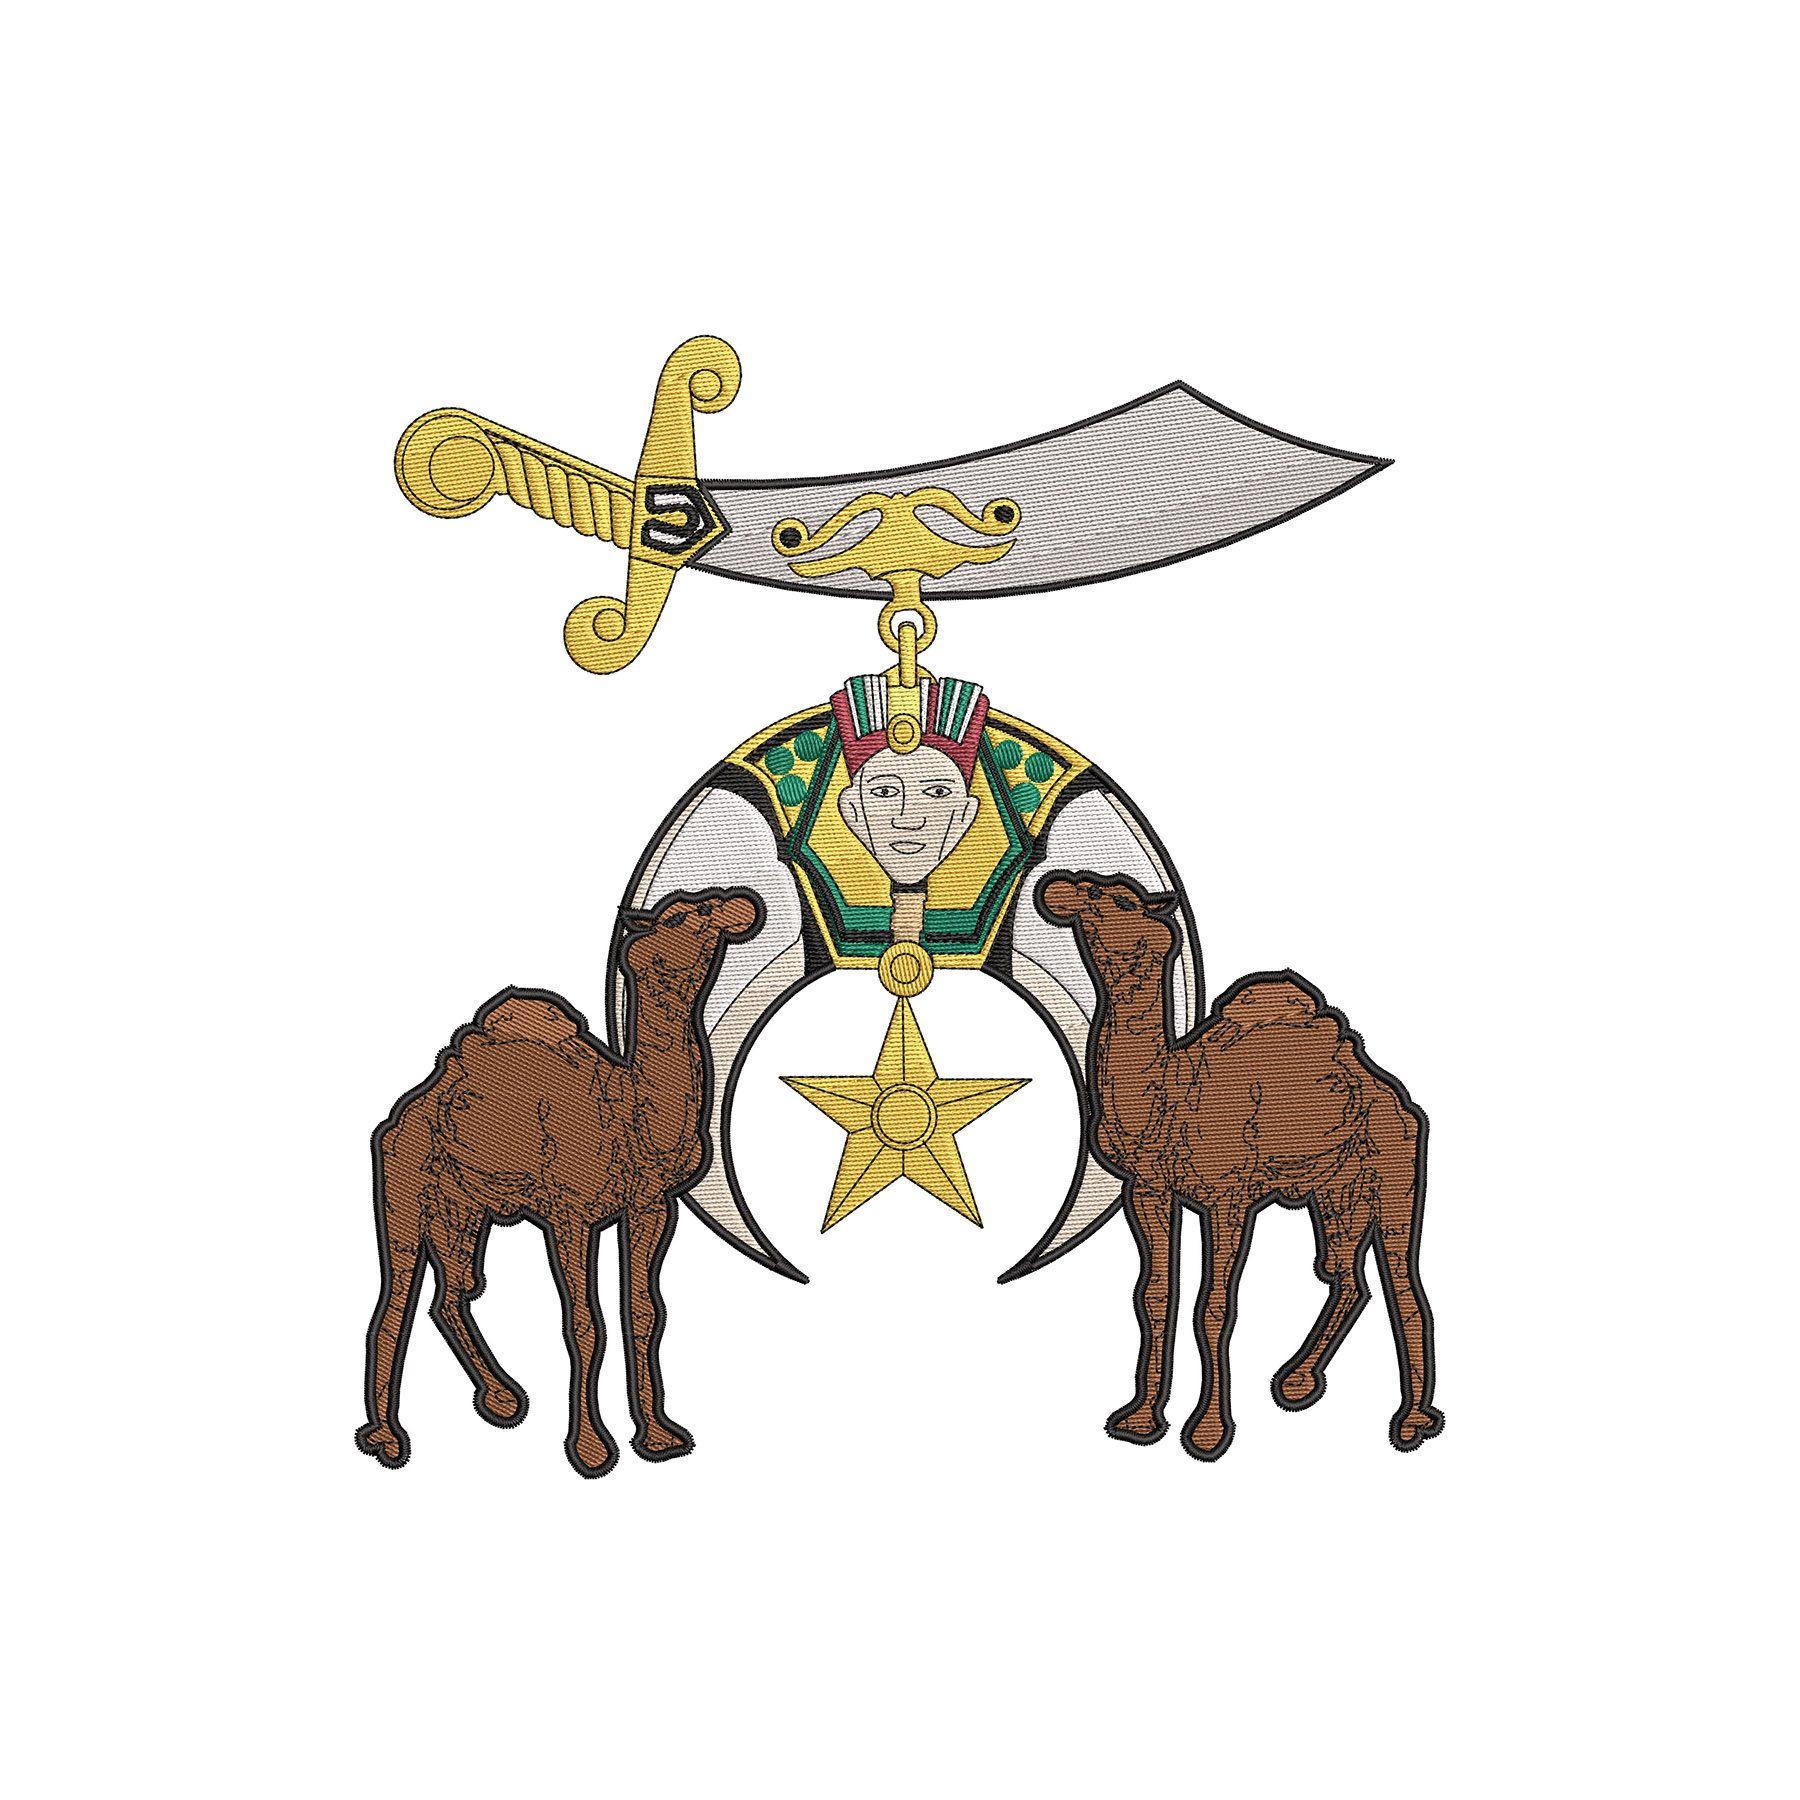 Shrine Emblem and Camels - Digital Embroidery Design